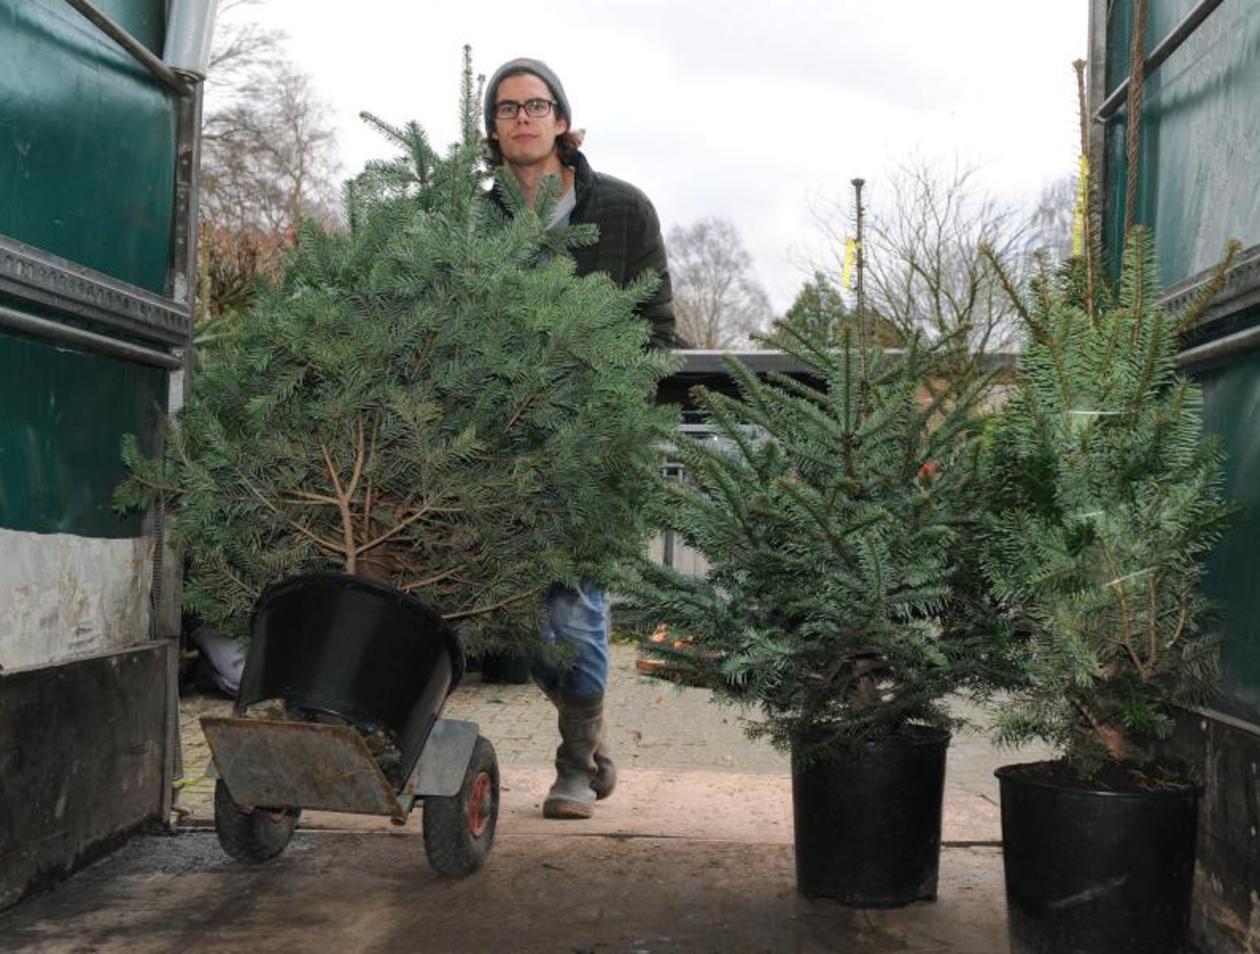 Weihnachtsbaum Im Topf Geschmückt.Ein Herz Für Weihnachtsbäume Mieten Statt Wegwerfen Ratgeber